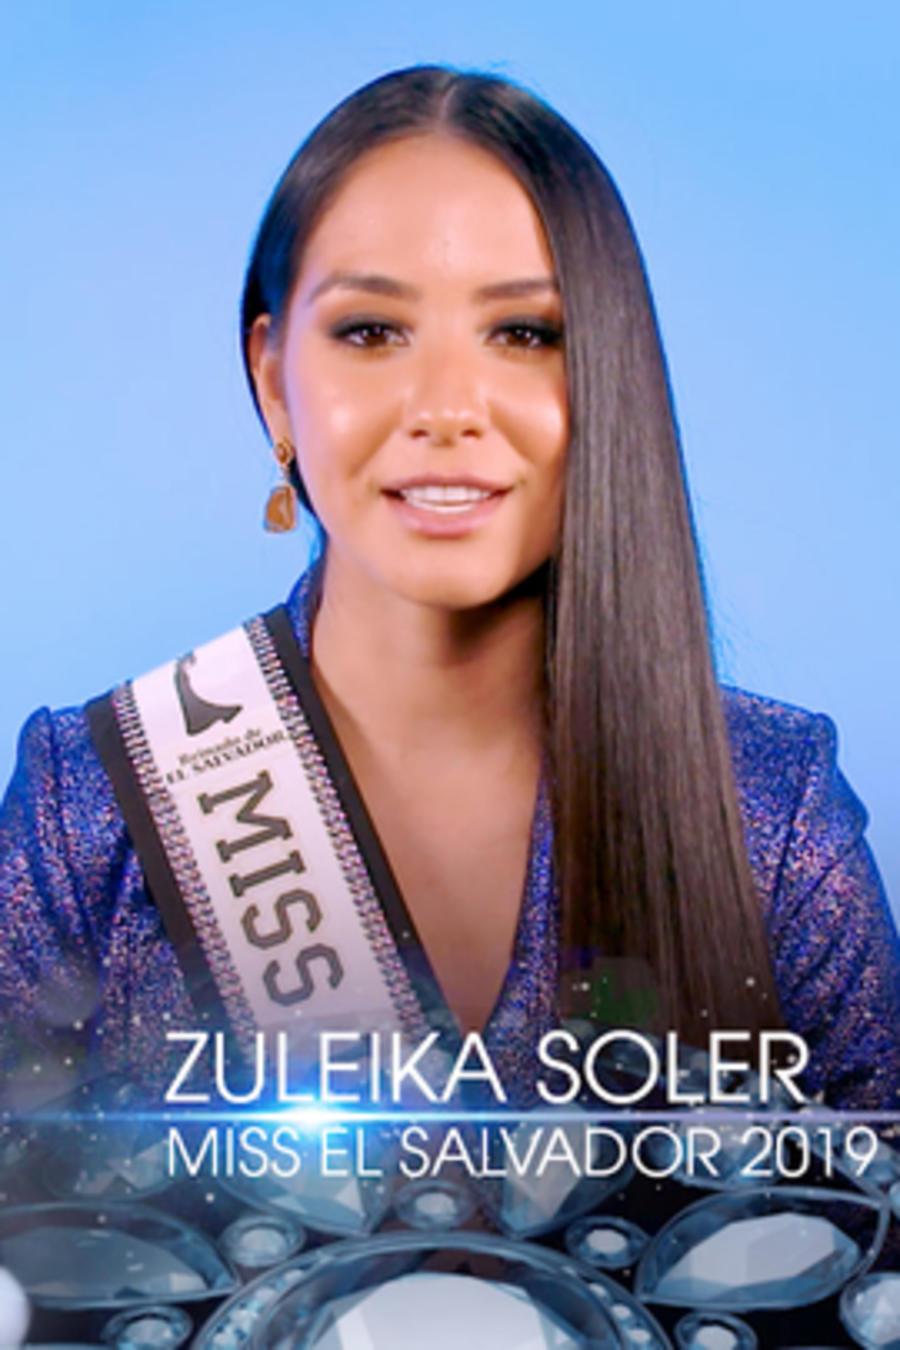 Zuleika Soler, Miss El Salvador, Miss Universo 2019